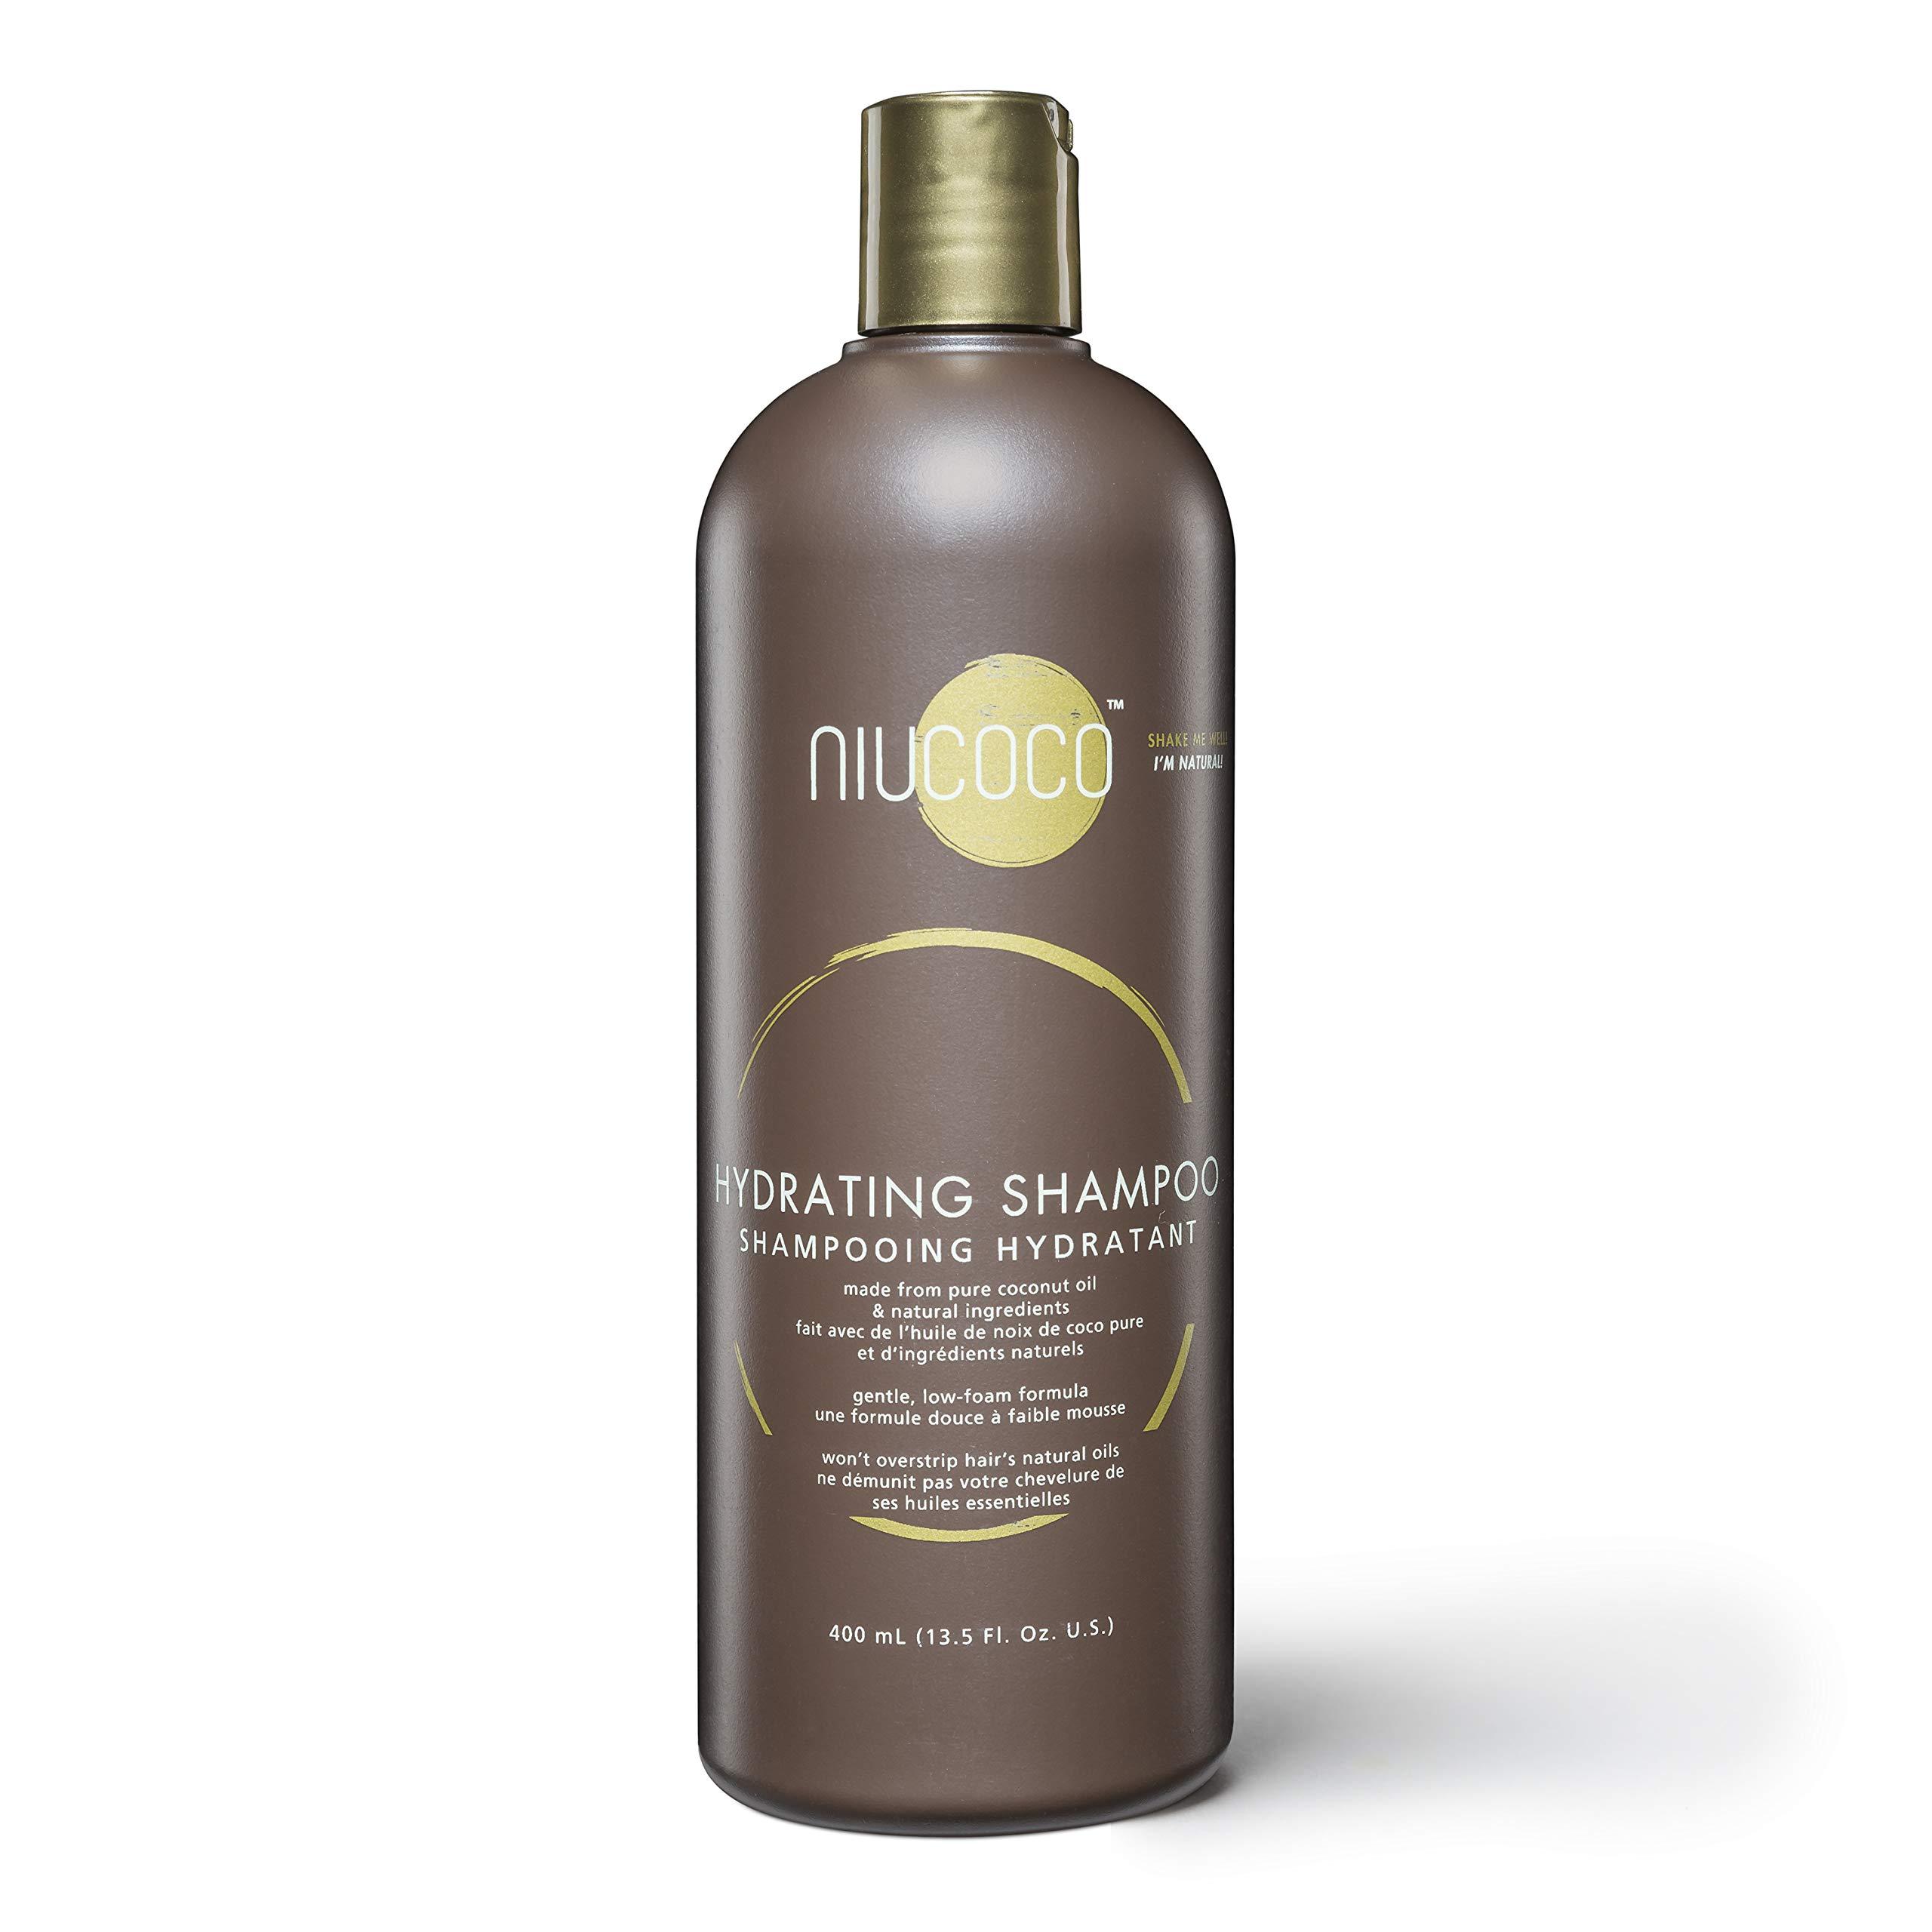 NIUCOCO | All-Natural Hydrating Coconut Oil Shampoo | 100% Non-Toxic | Alleviates Dandruff (400ml)